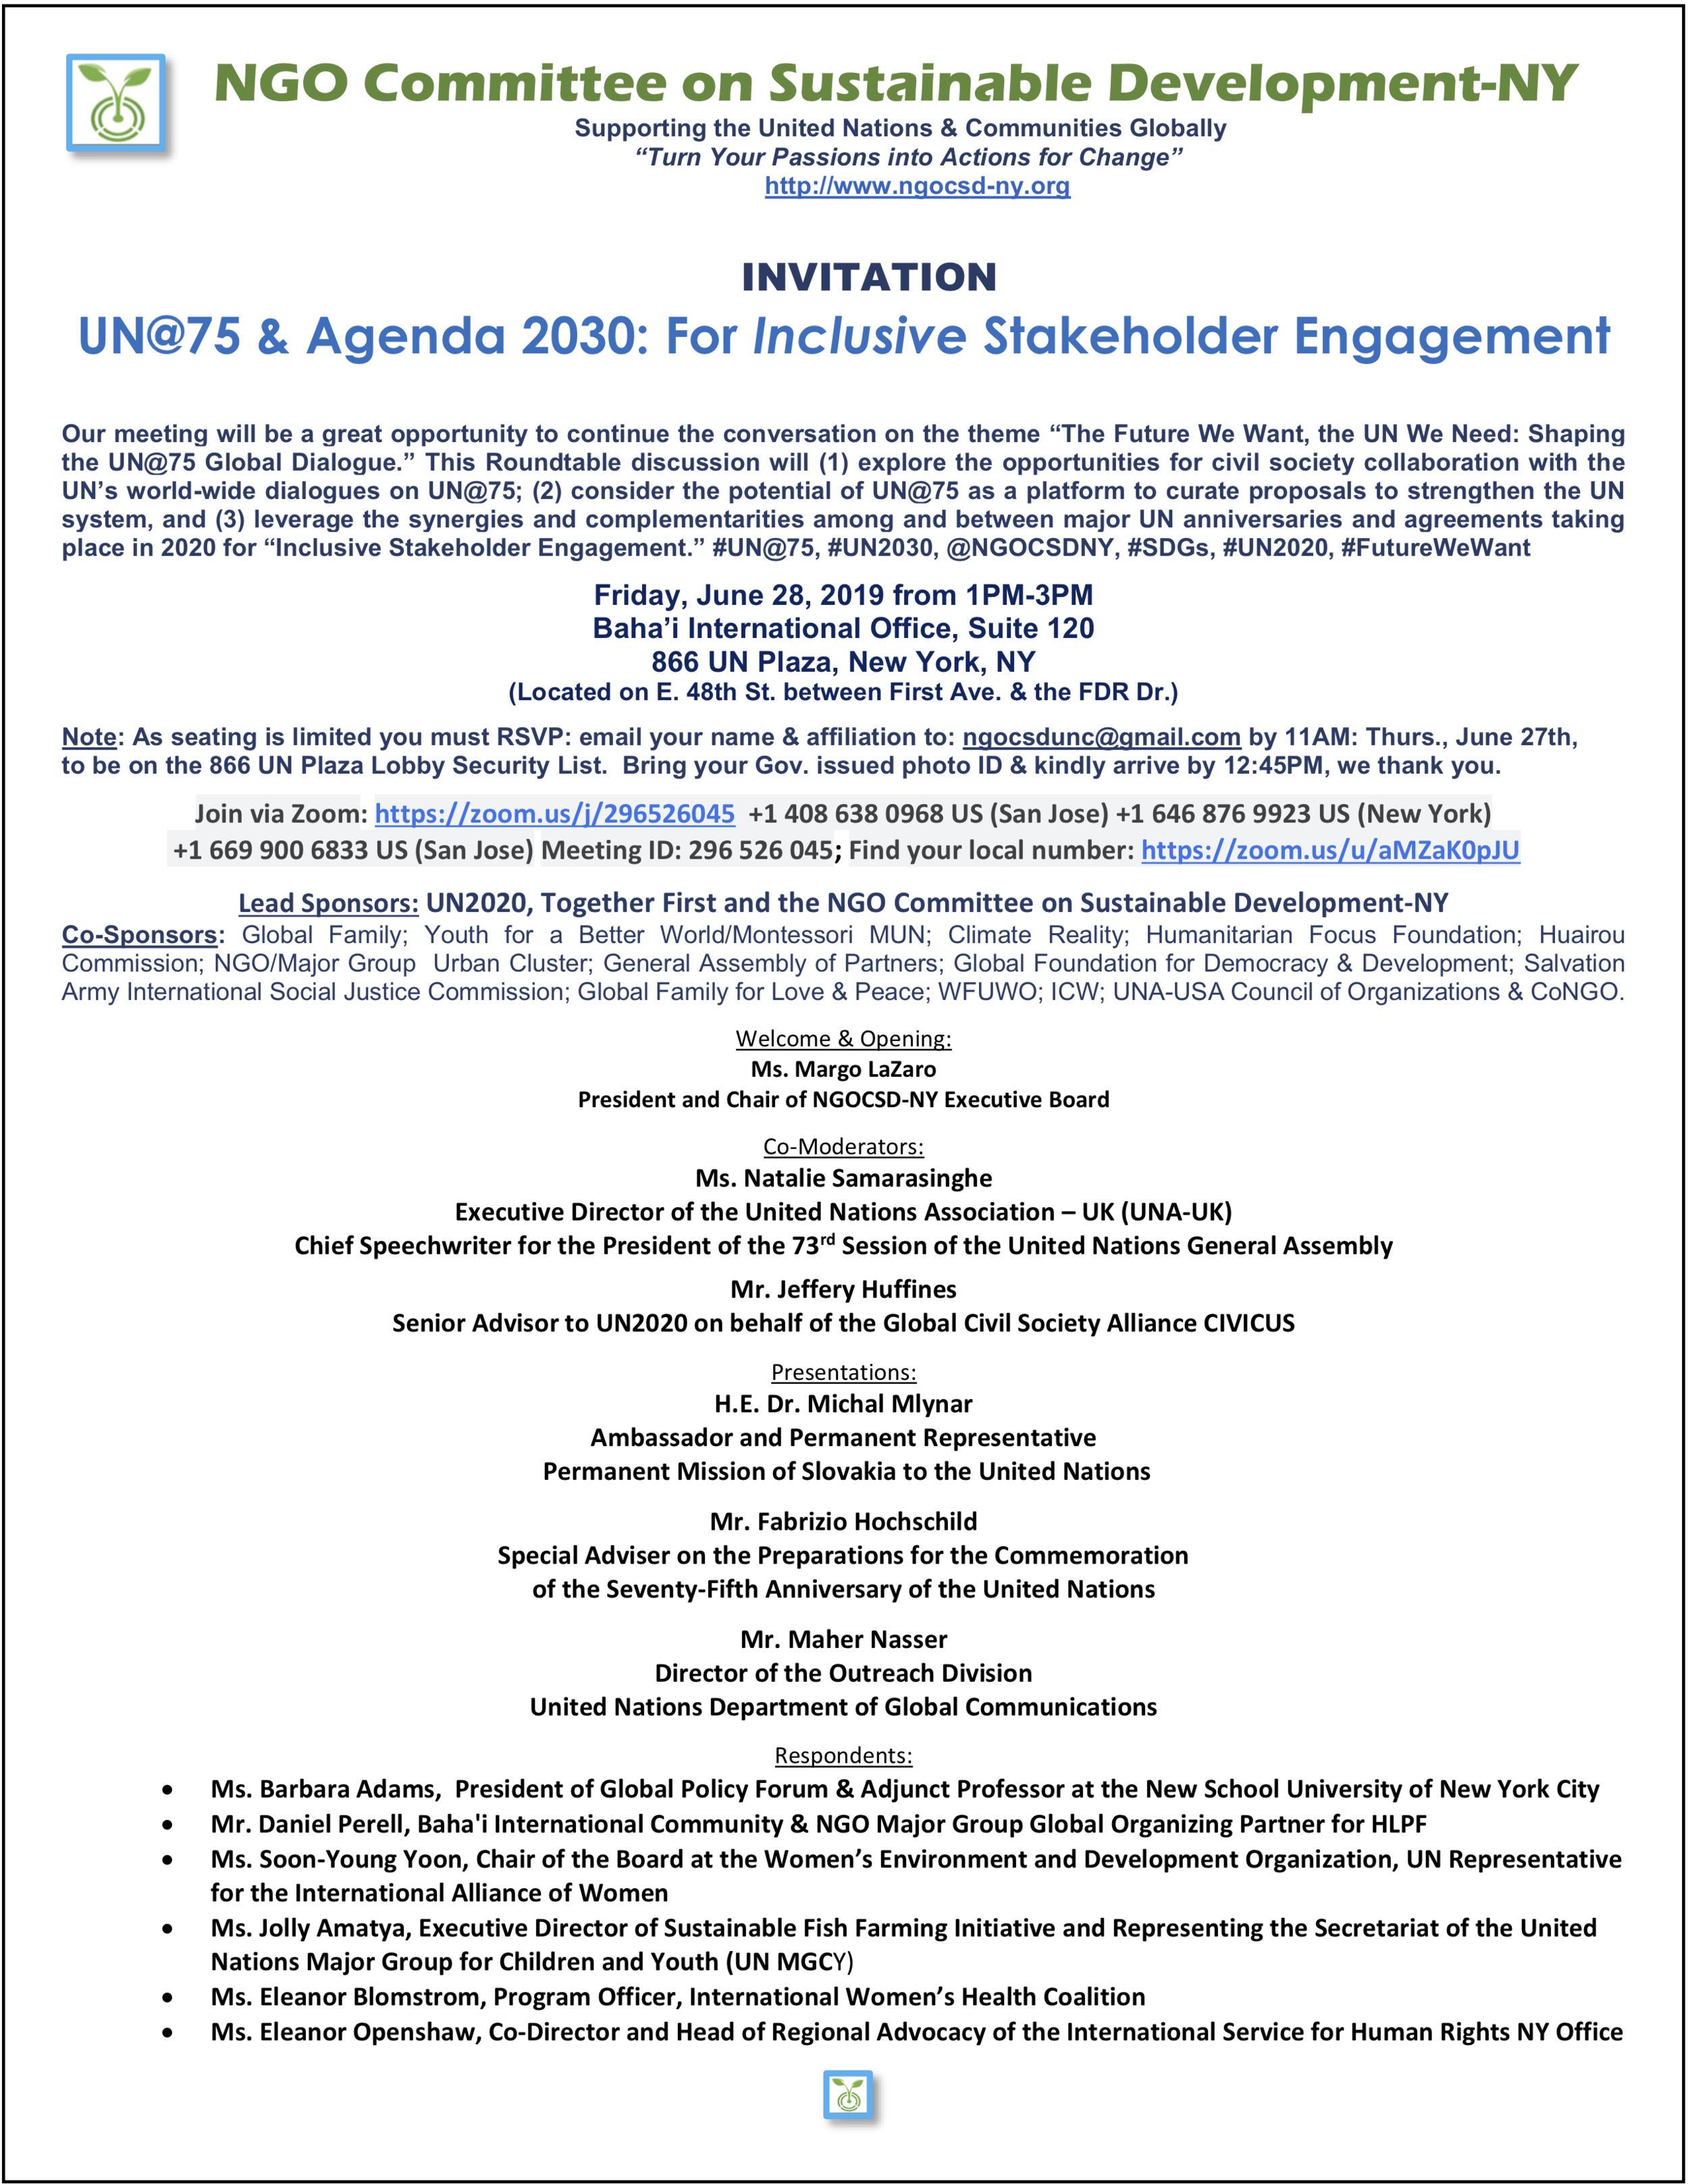 NGOCSD-NY UN@75 & Agenda 2030 6-28-19 Invitation A1.png